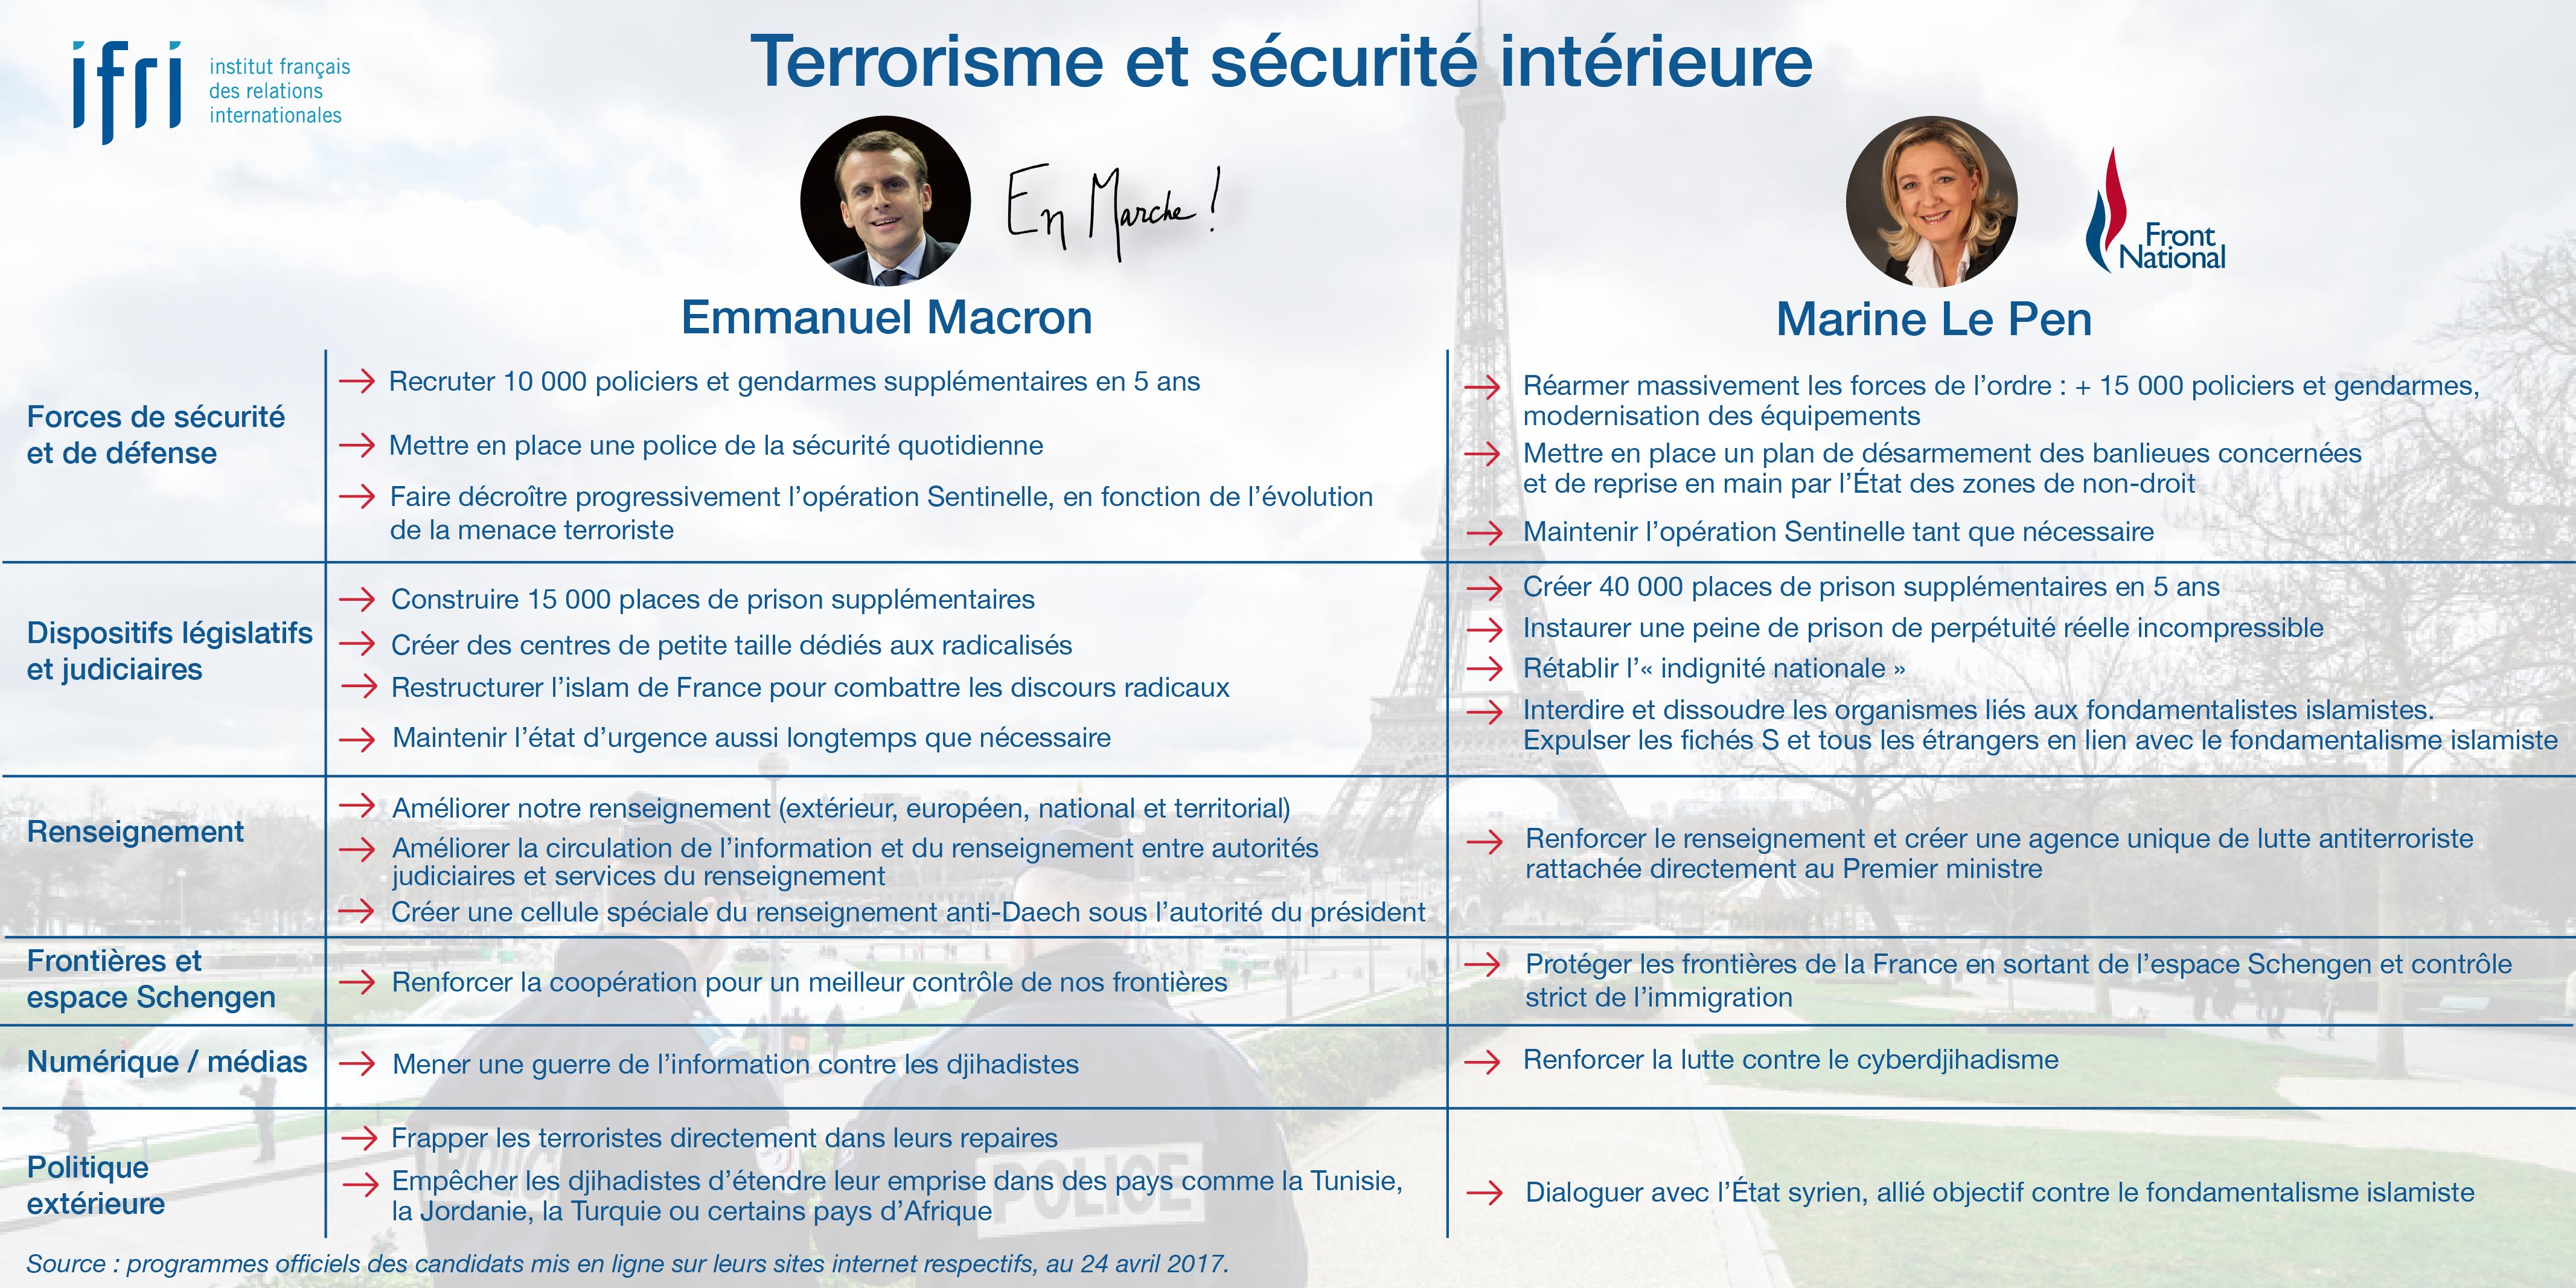 Terrorisme - - Macron - Le Pen - Présidentielle 2017